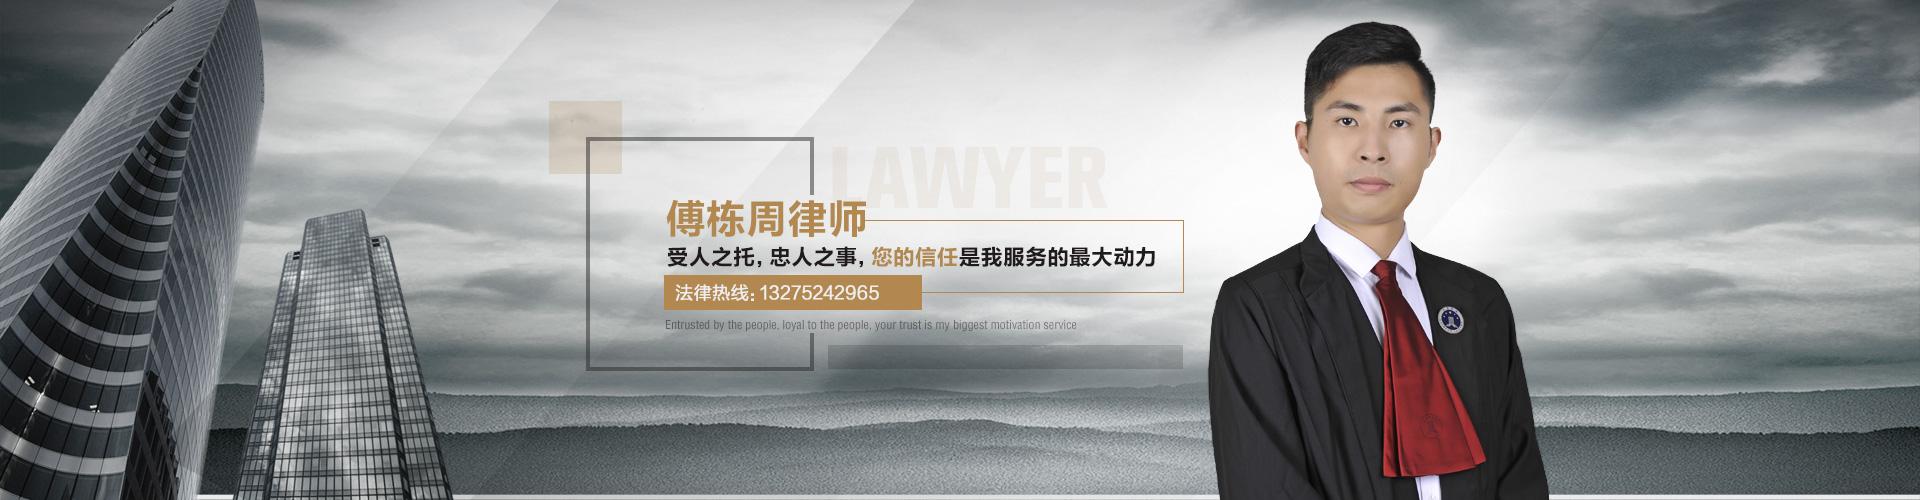 天津傅栋周律师